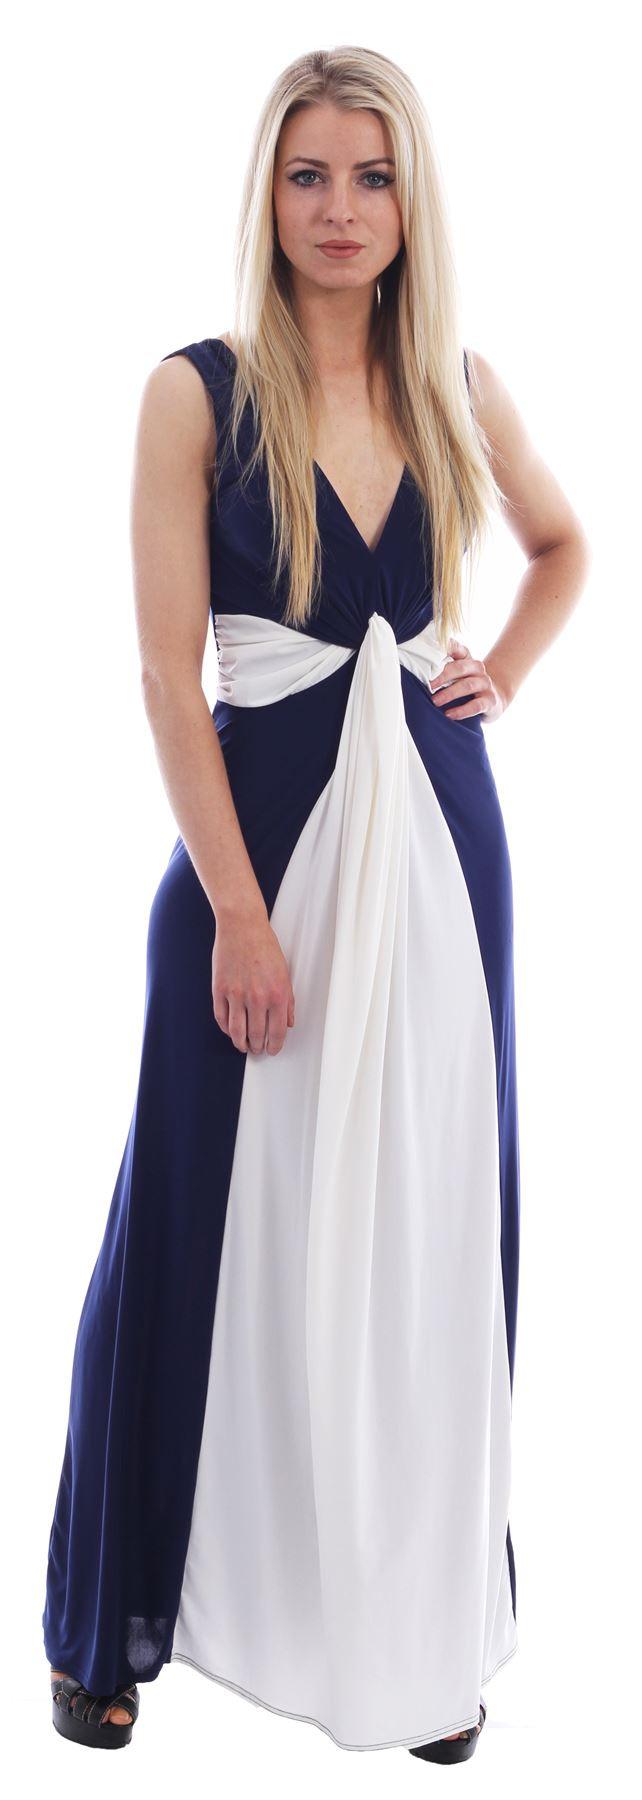 13 Schön Abend Maxi Kleid Bester Preis17 Großartig Abend Maxi Kleid Spezialgebiet